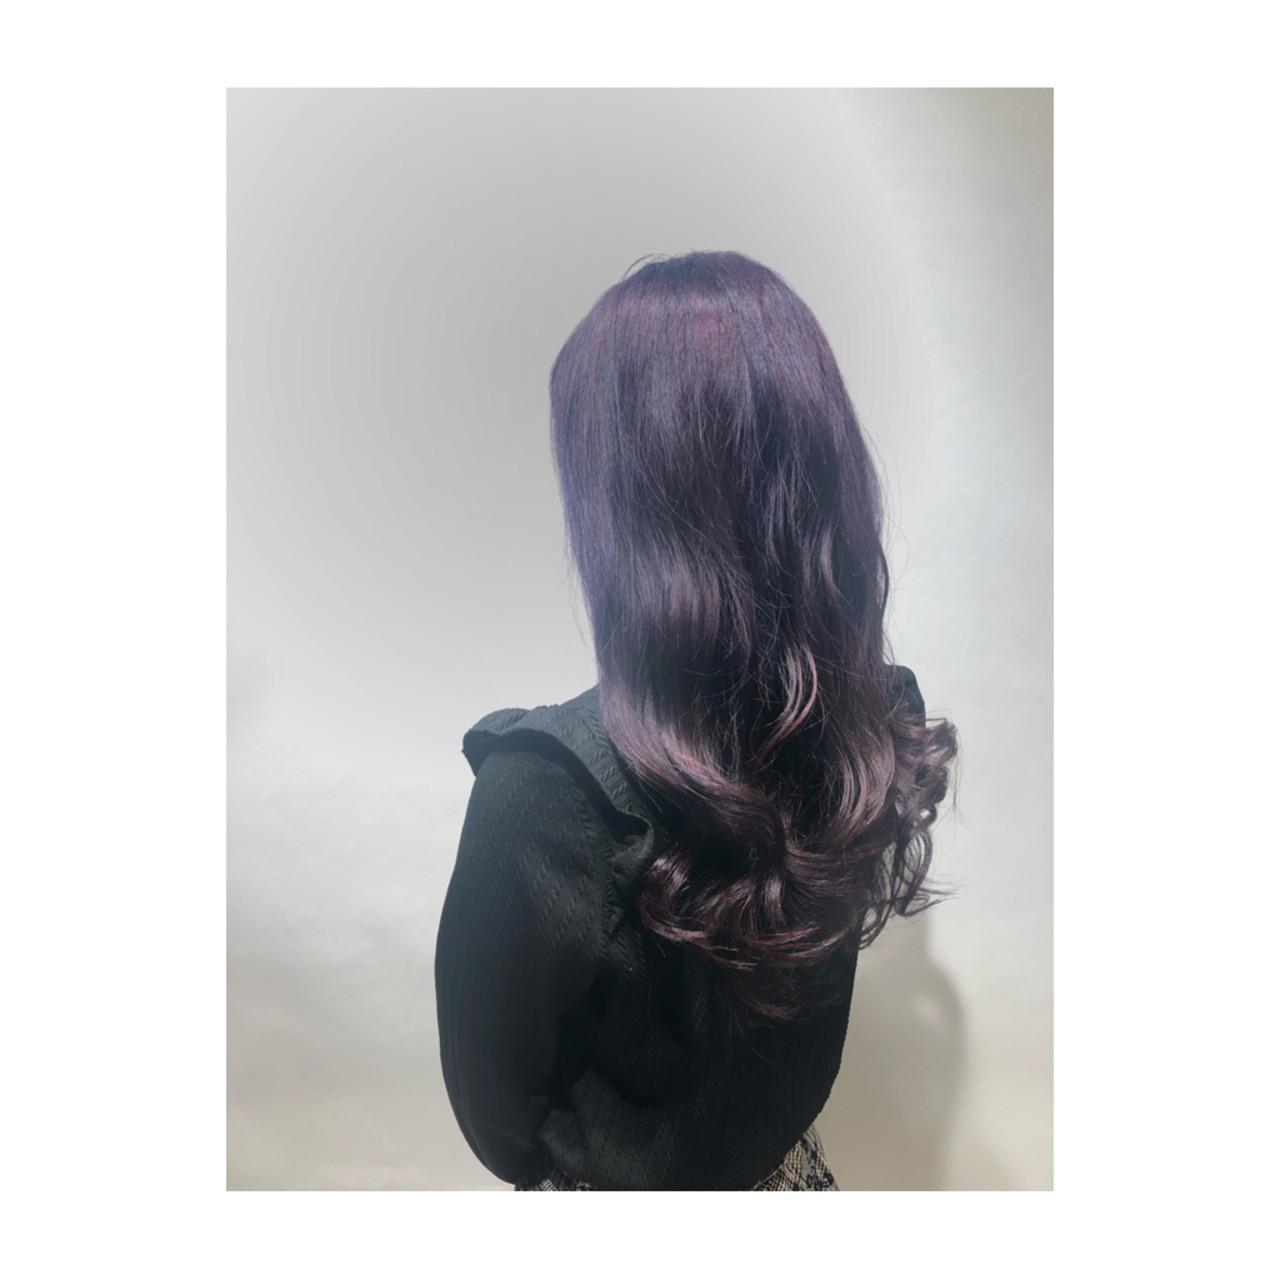 ラベンダーピンク 透明感 ピンクバイオレット ストリート ヘアスタイルや髪型の写真・画像